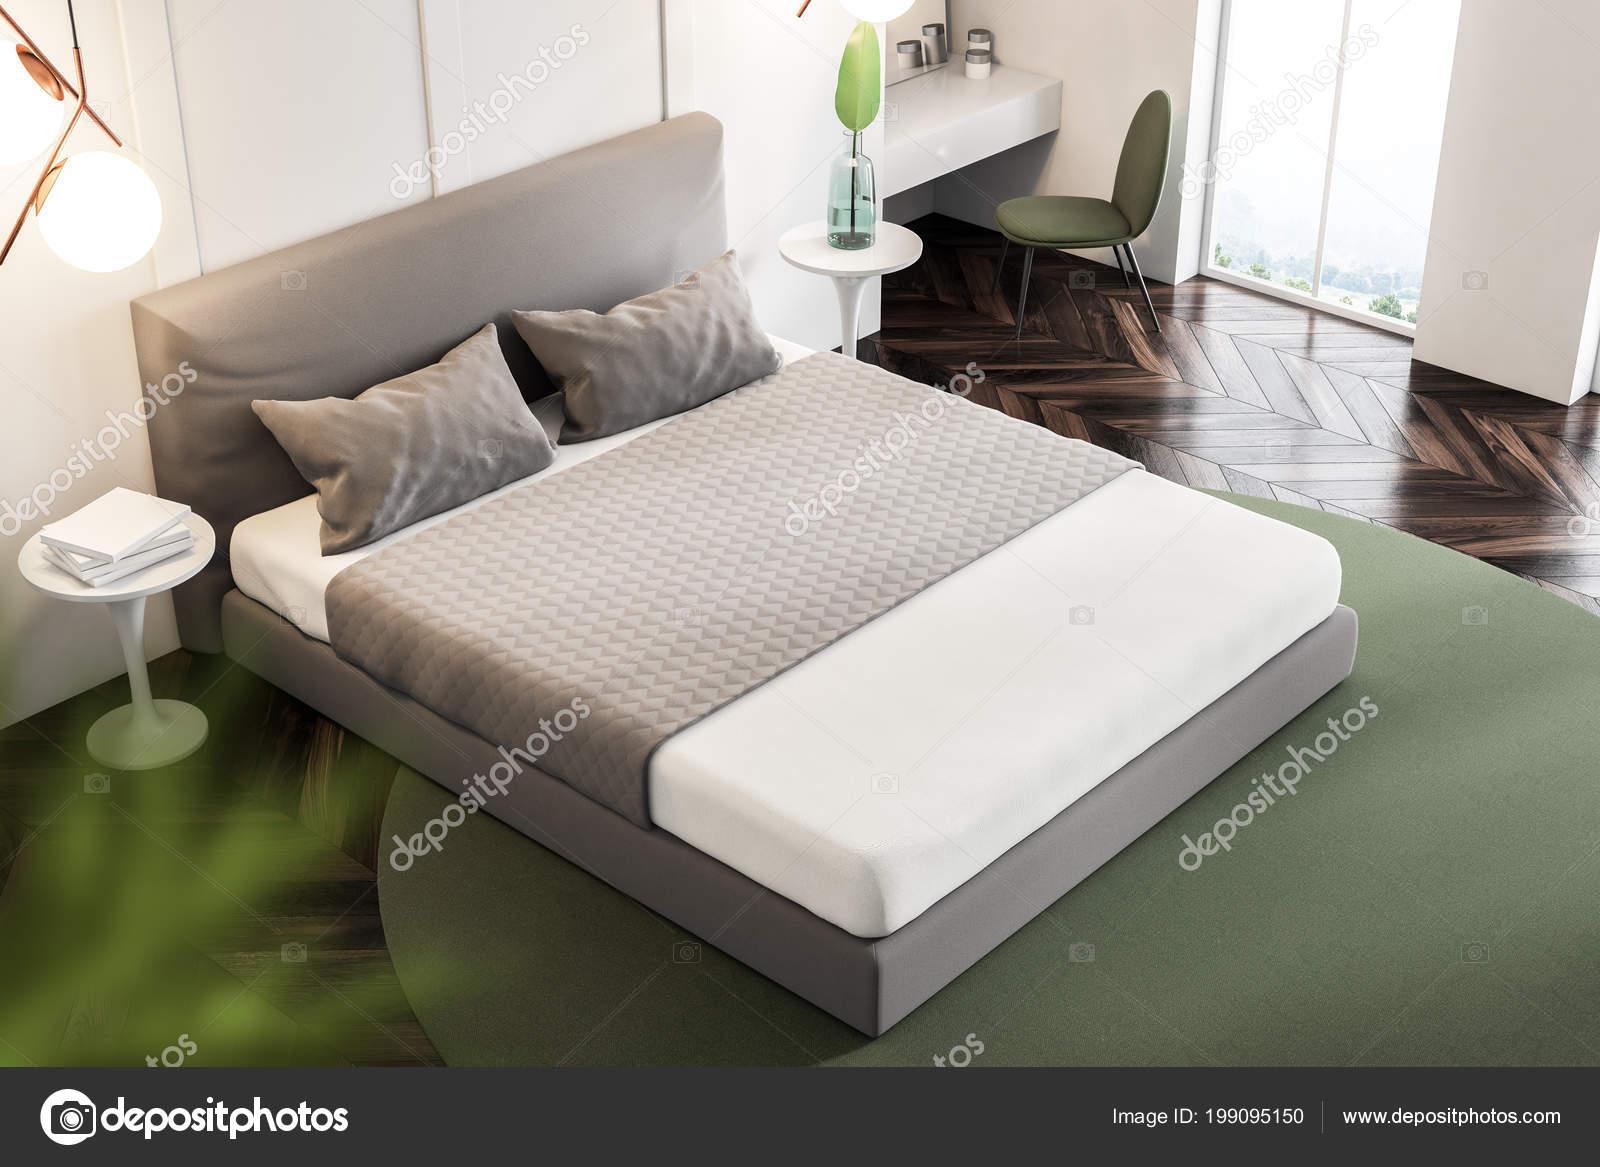 Top View Bedroom Interior White Walls Wooden Floor Rug Double Stock Photo C Denisismagilov 199095150